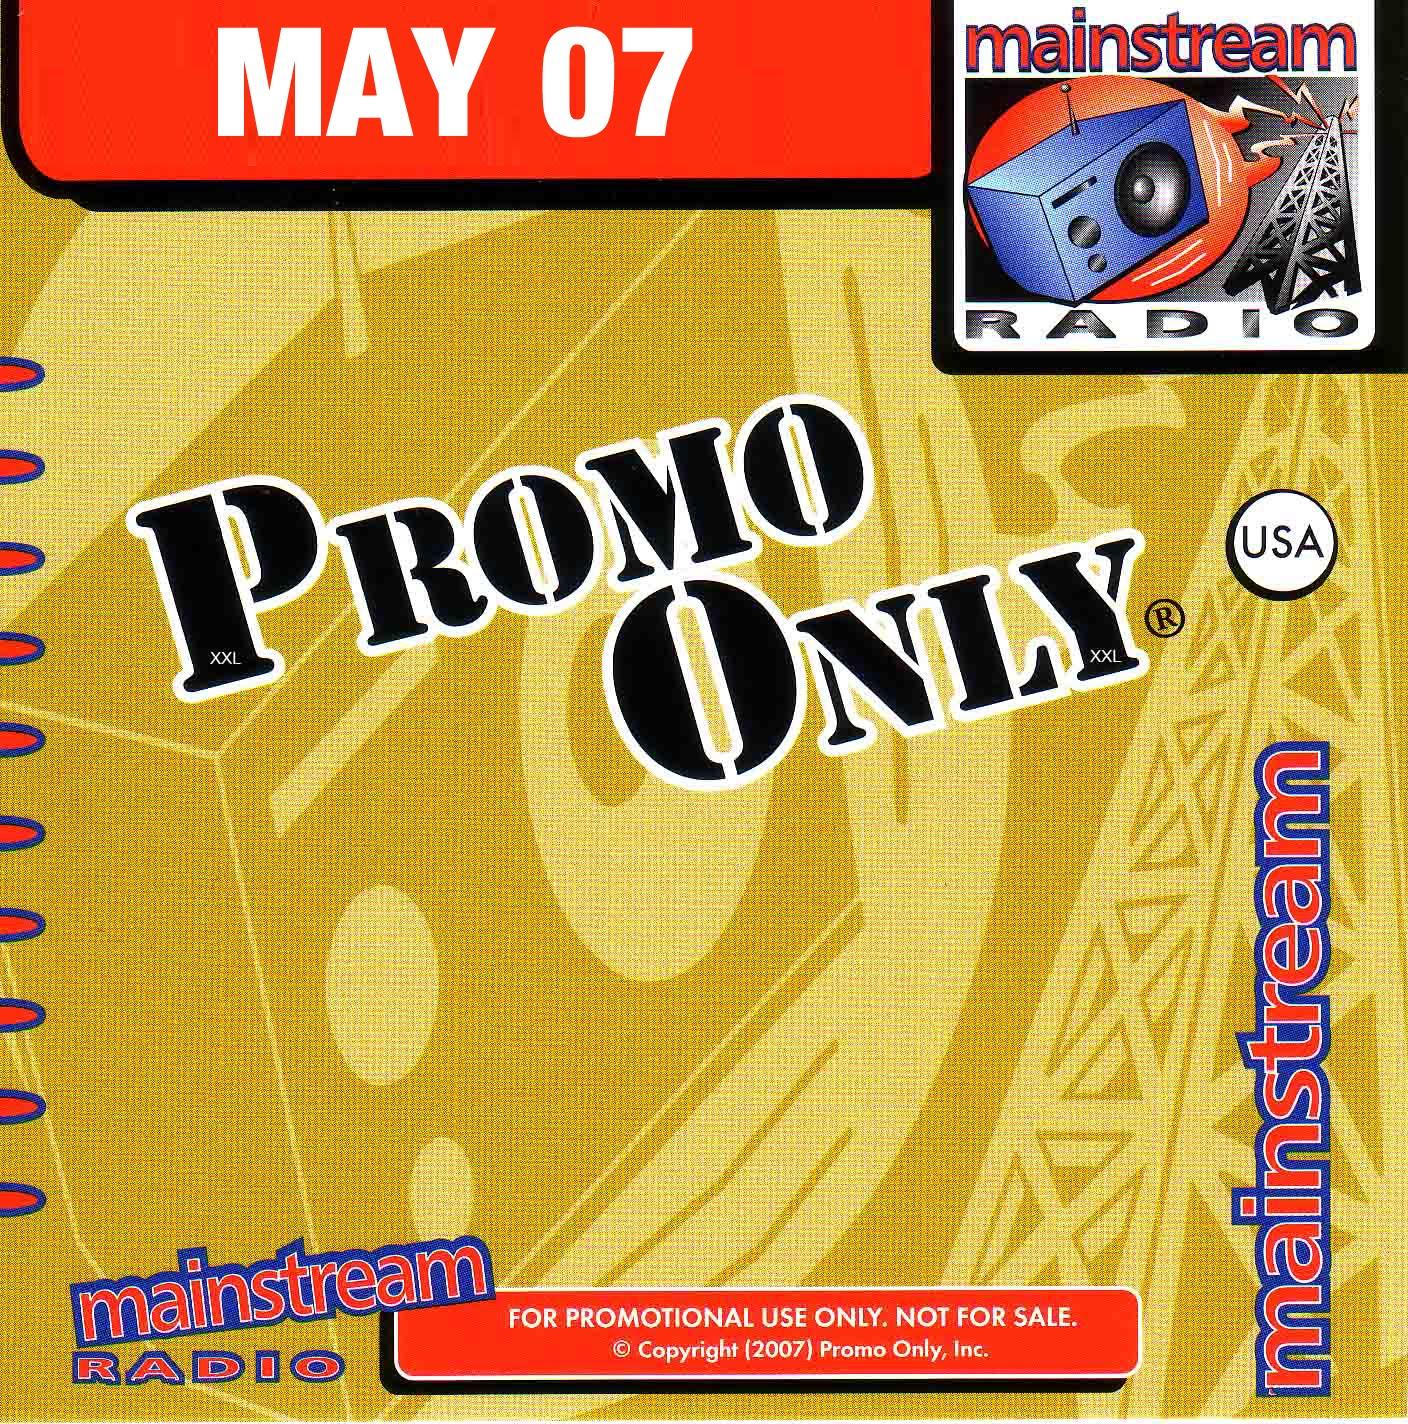 http://2.bp.blogspot.com/_9cw-jhhRBE4/TL8sKsdSnPI/AAAAAAAAF9s/7RsY6v0e4EY/s1600/00-va-promo_only_mainstream_radio_may-2007-fronT.jpg